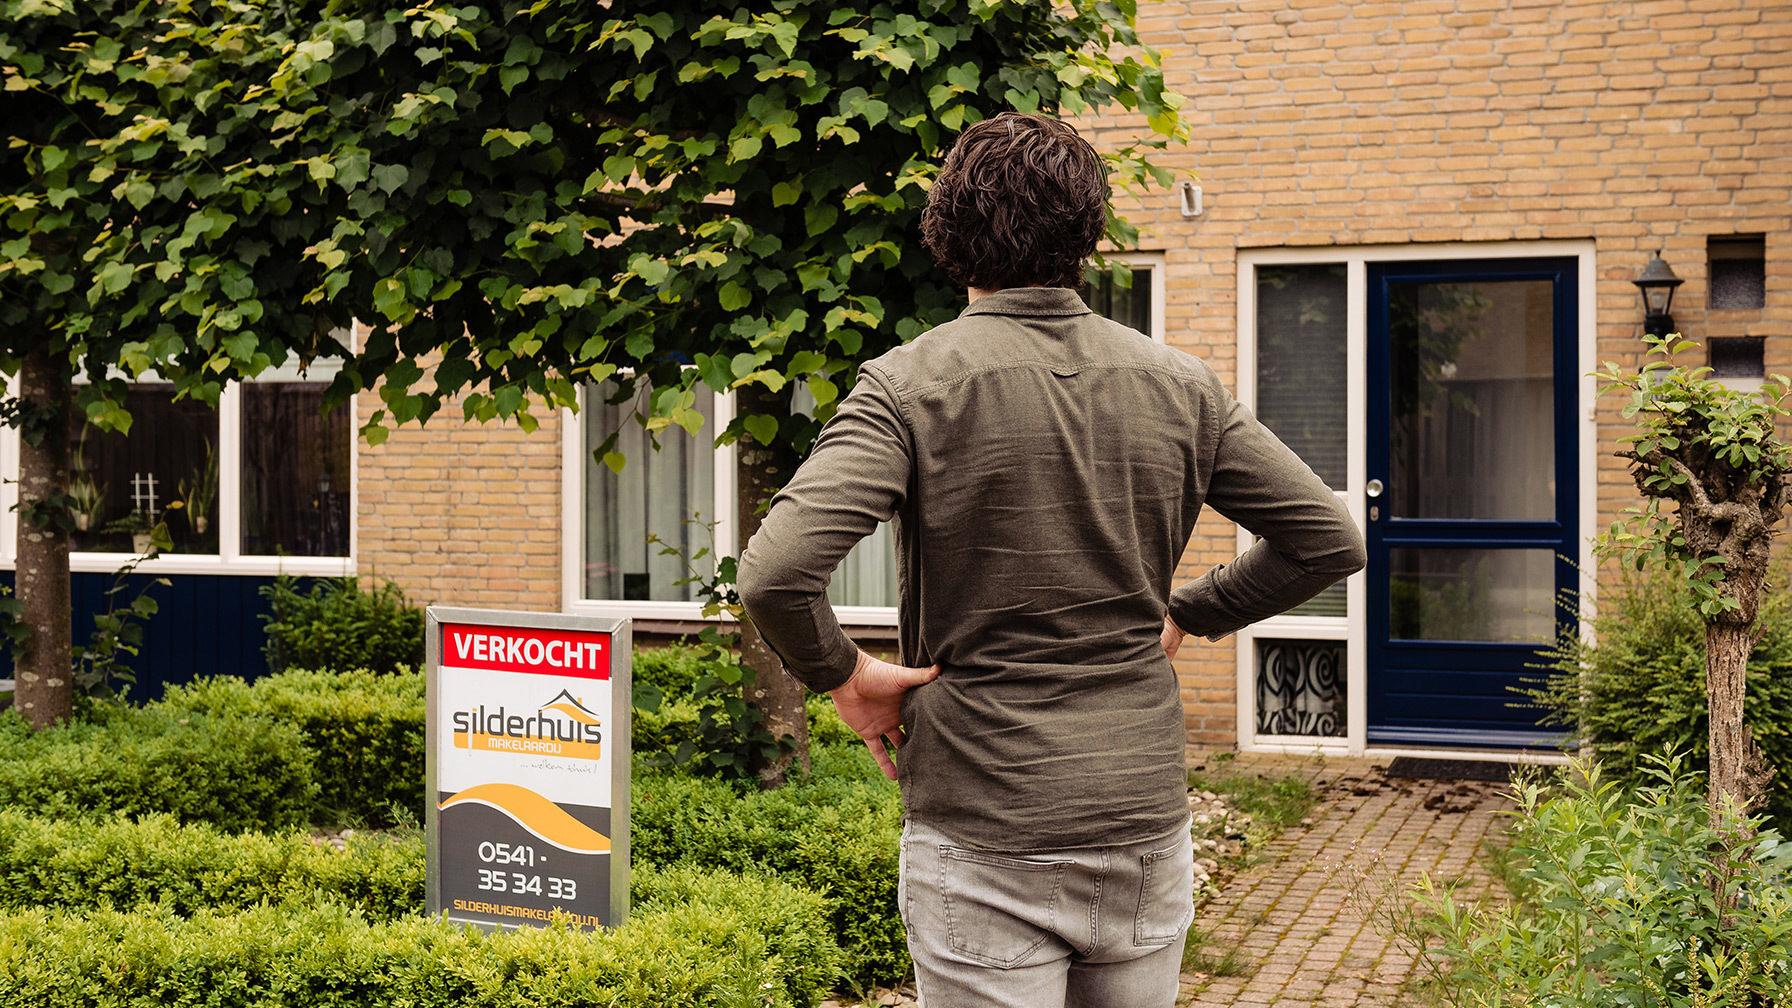 Op zoek naar een huis? Praat met je persoonlijk adviseur!